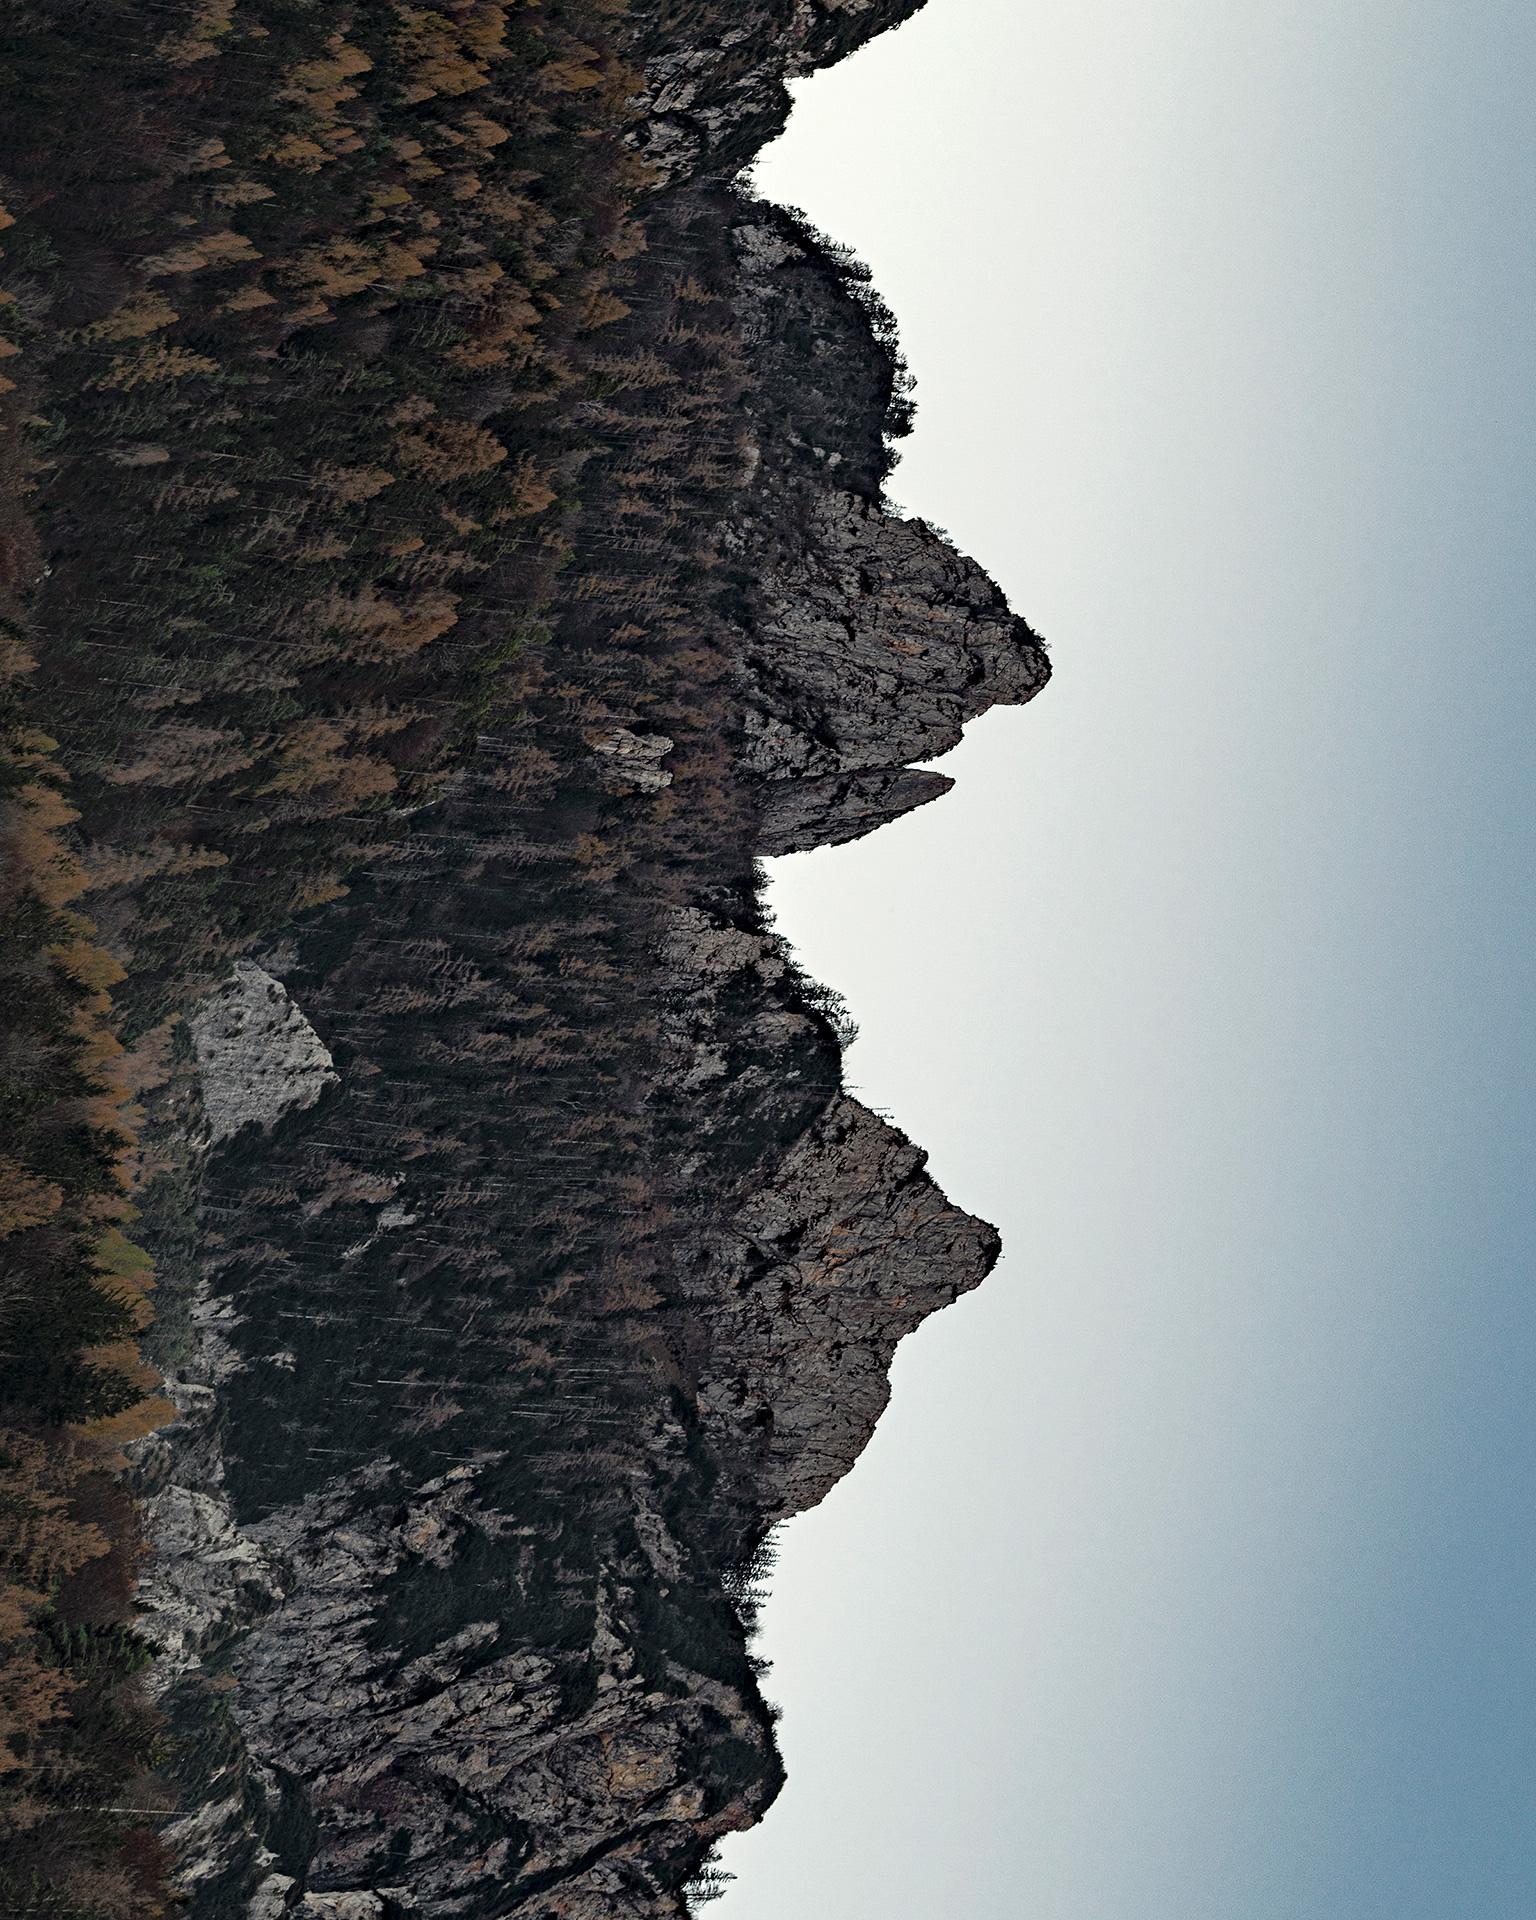 Bernhard Lang Fotografa Imagens Ilusórias de Montanhas Artes & contextos lang 6